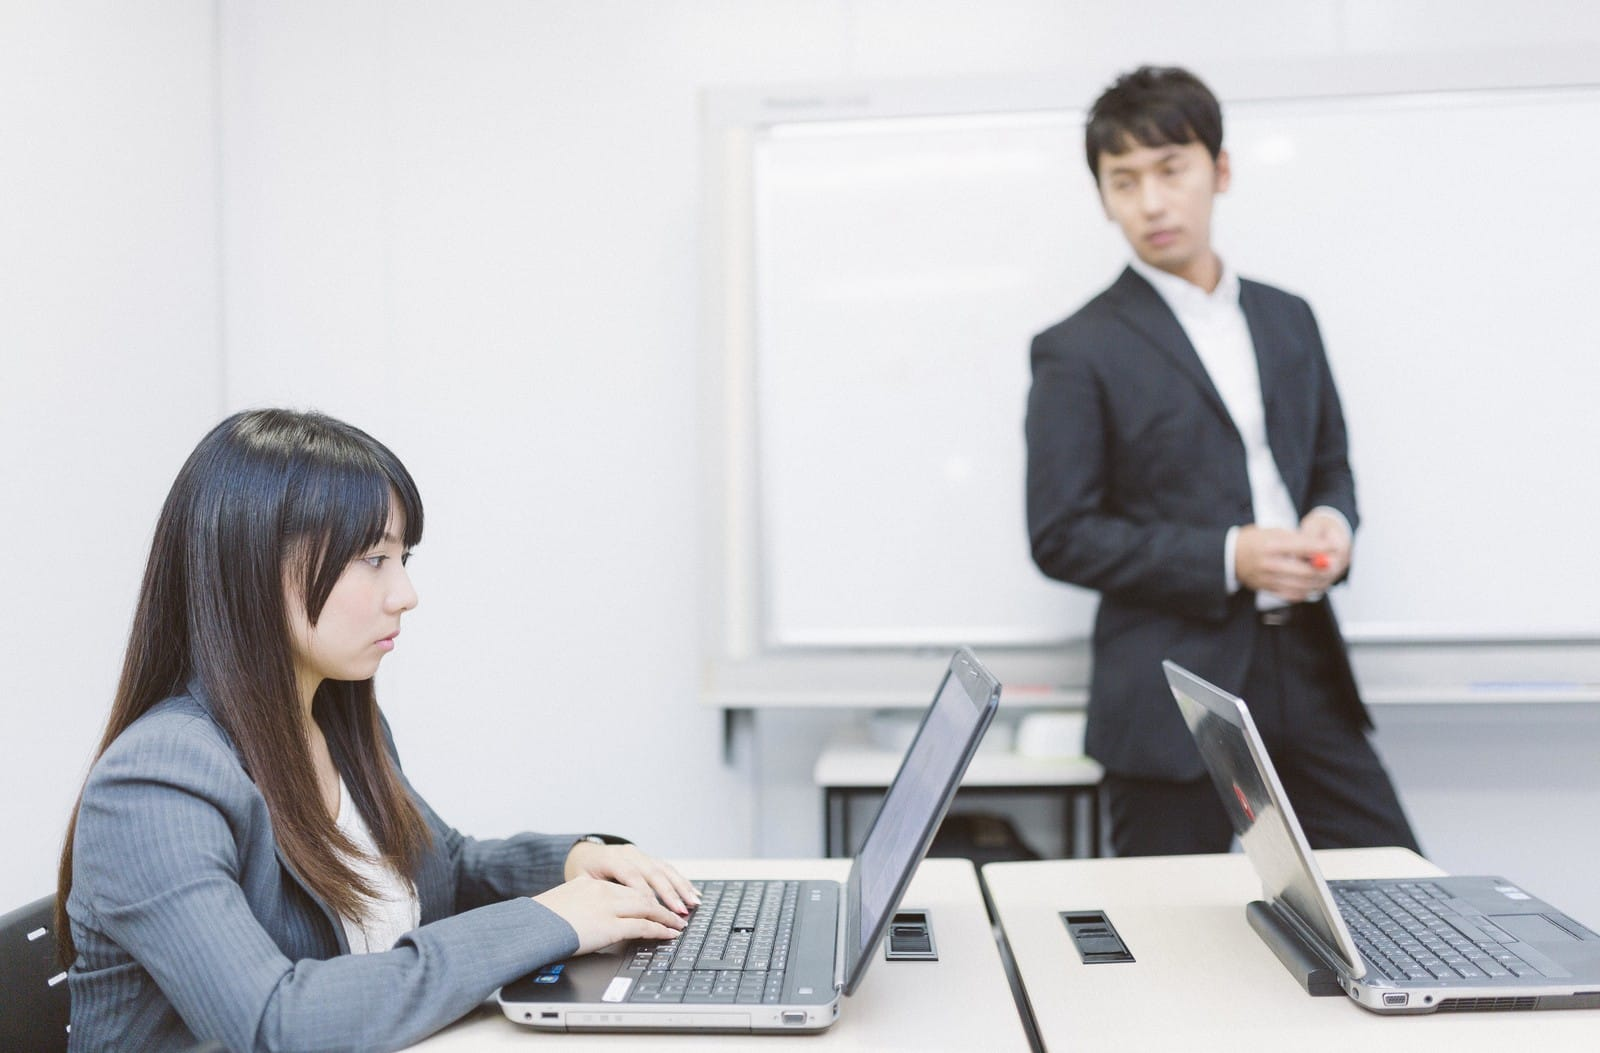 【アフィリエイト・ブログのやり方講座1】まずは仕組みを知ろう ~初心者が稼ぐための道~